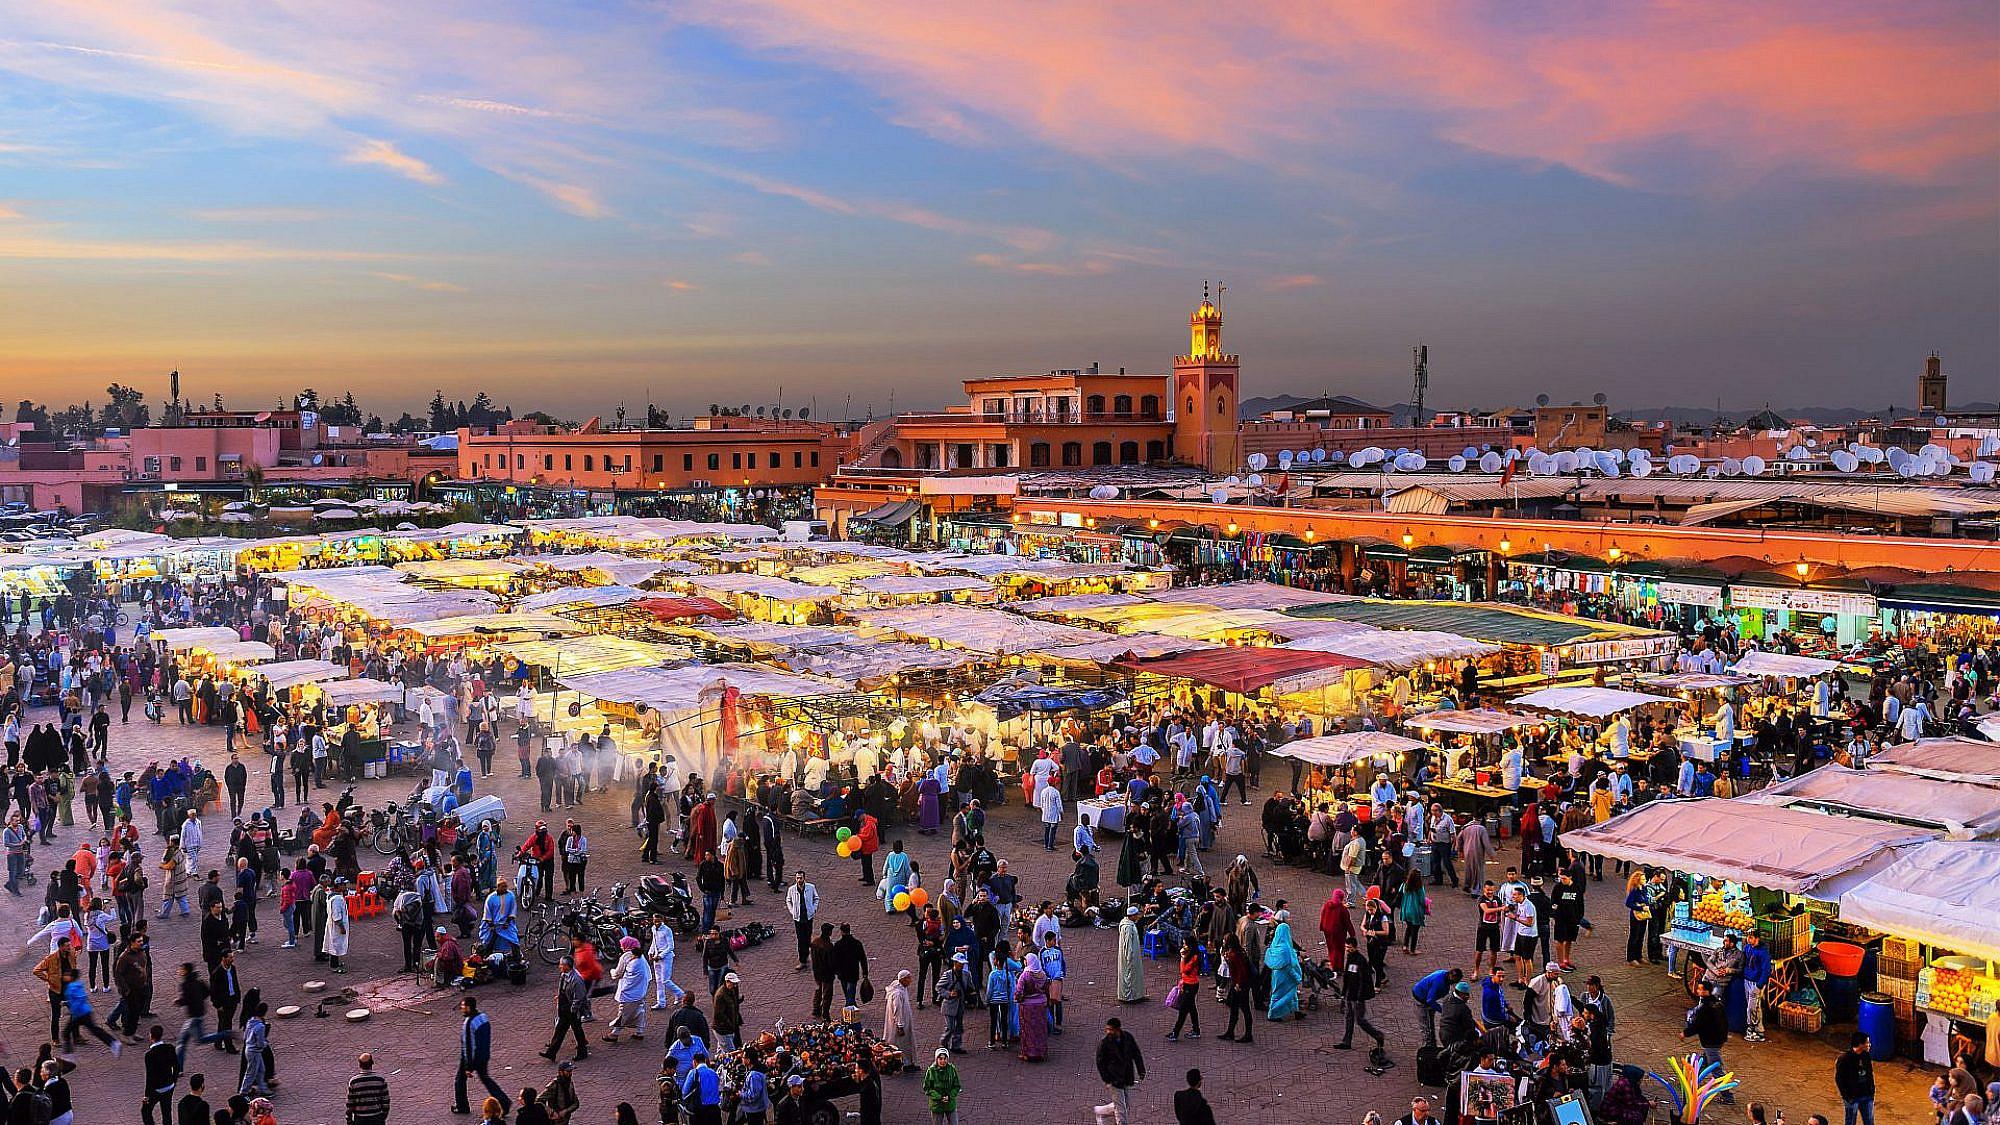 כיכר Djemaa El Fna במרקש, מרוקו. ברקע: מסגד קוטוביה | צילום: gettyimages